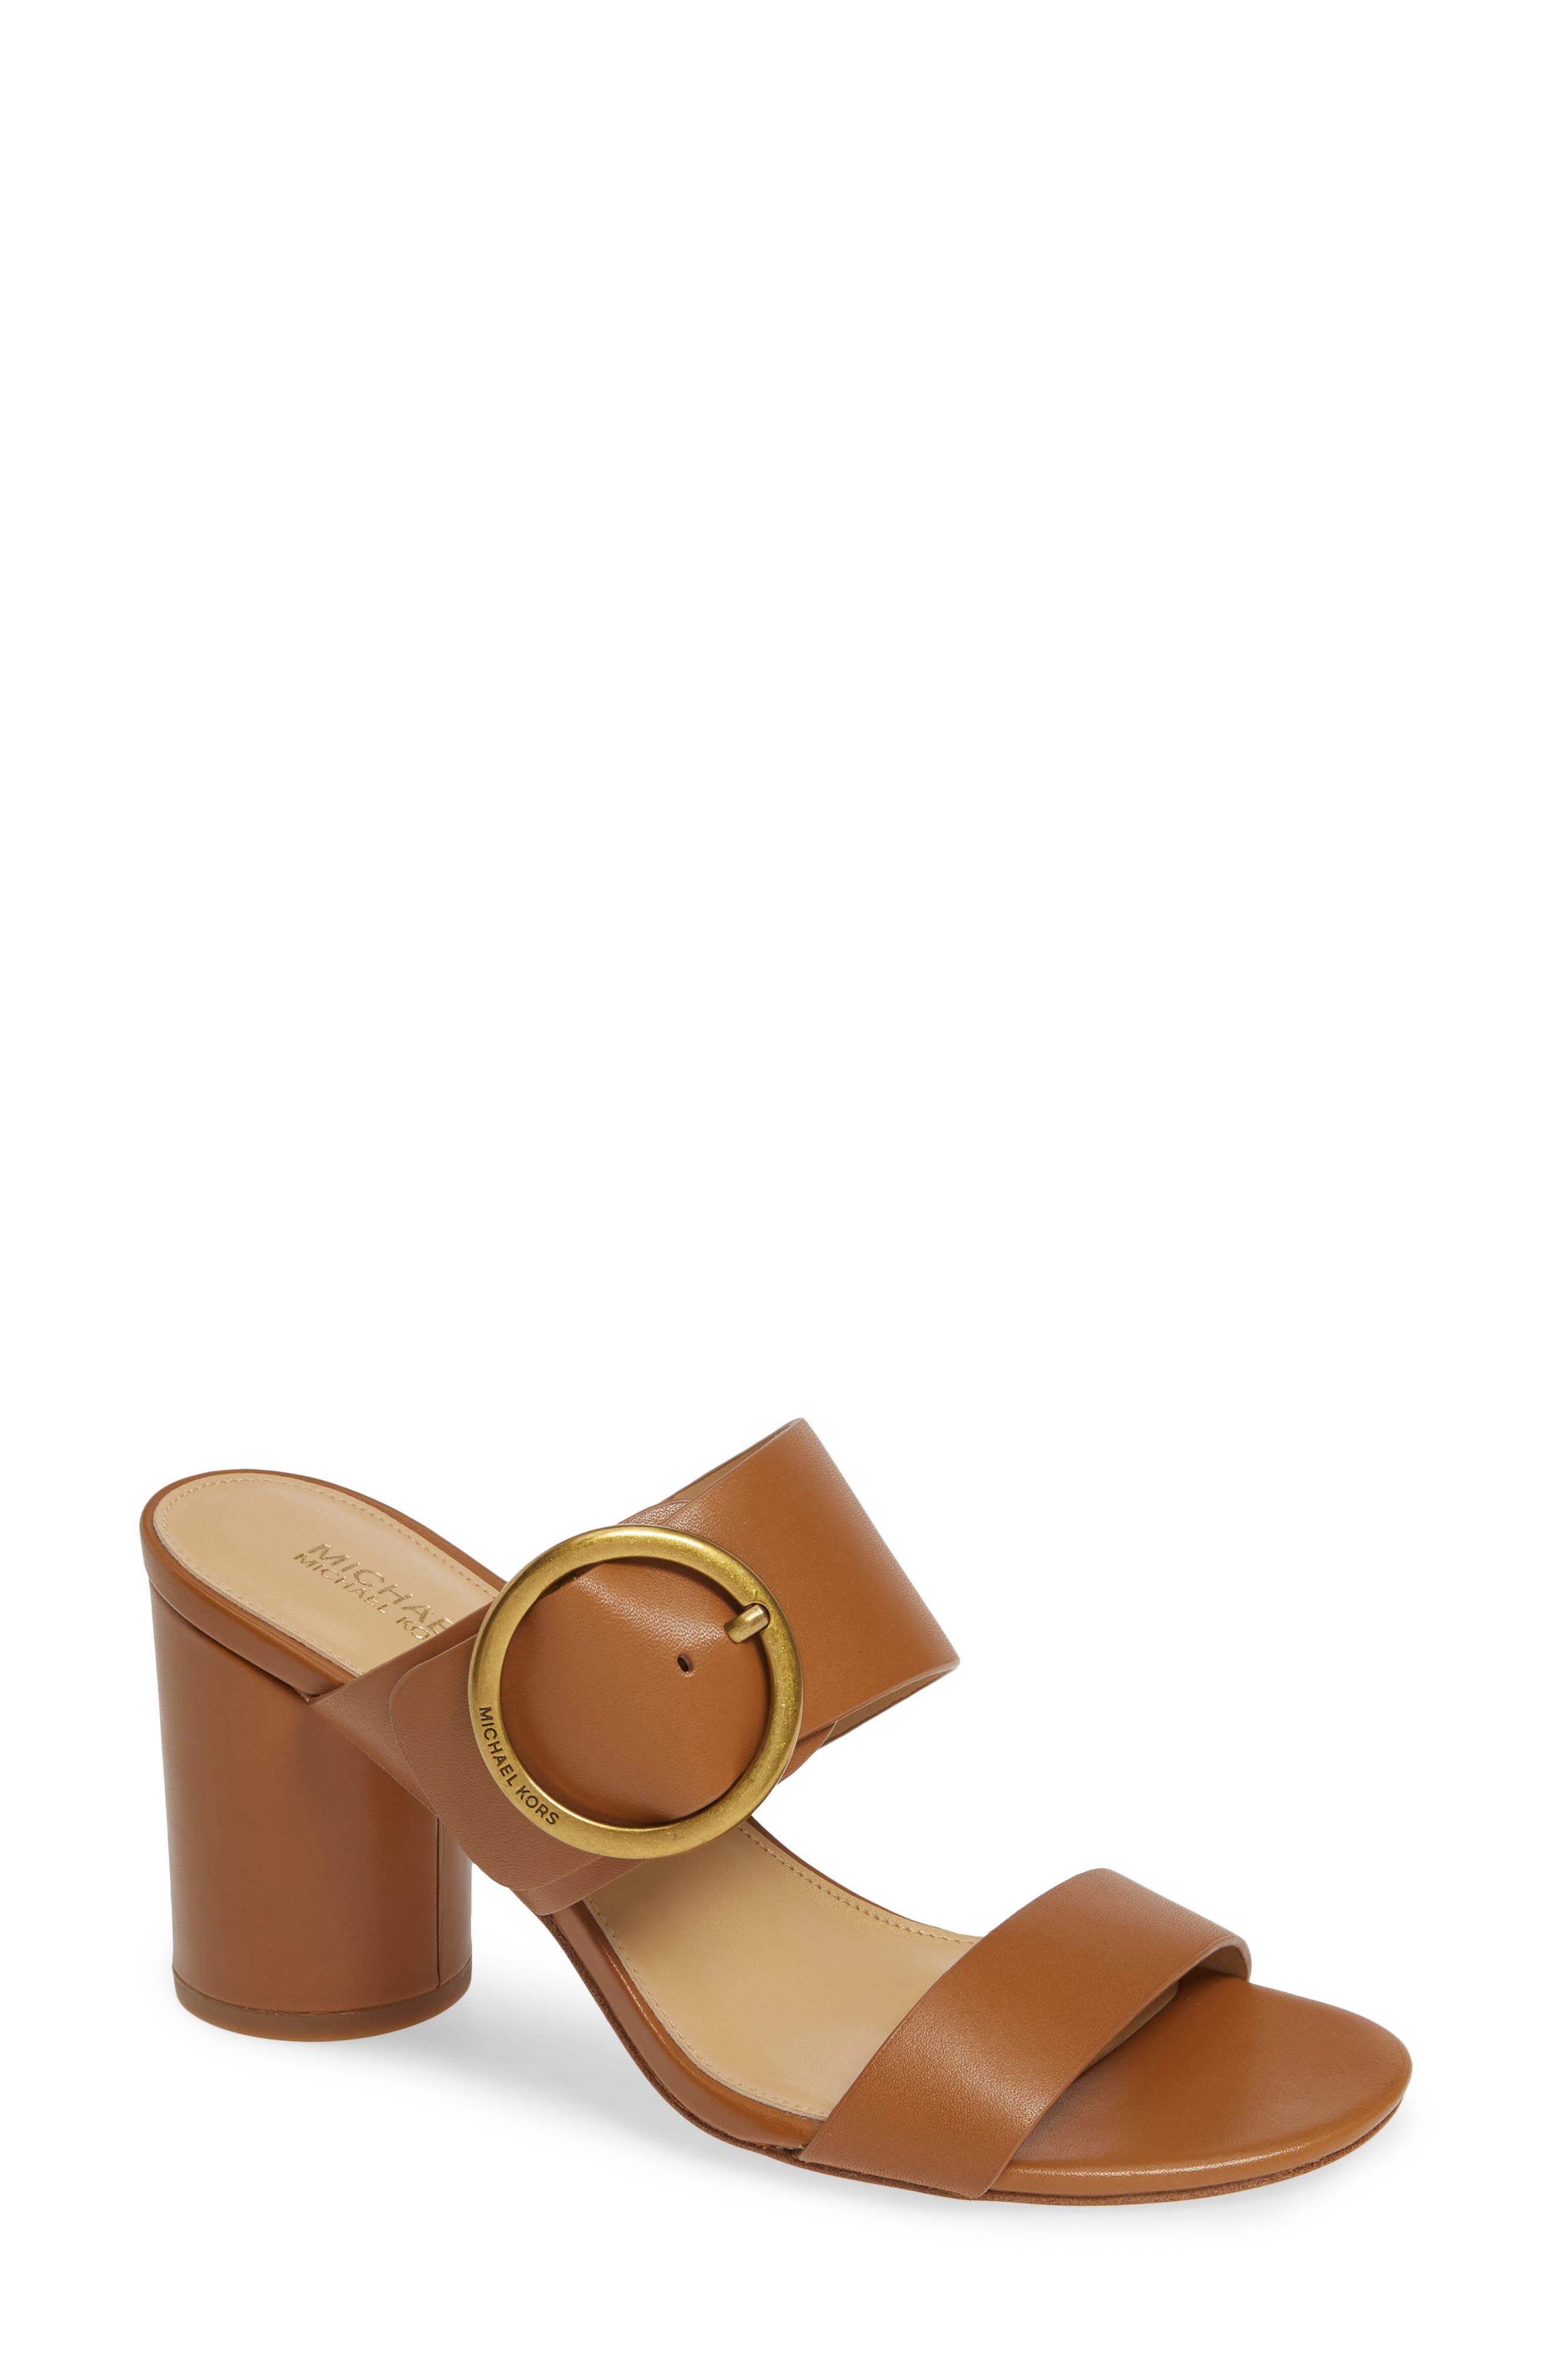 Estelle Mid-Heel Slide Sandals in Acorn Vachetta Leather